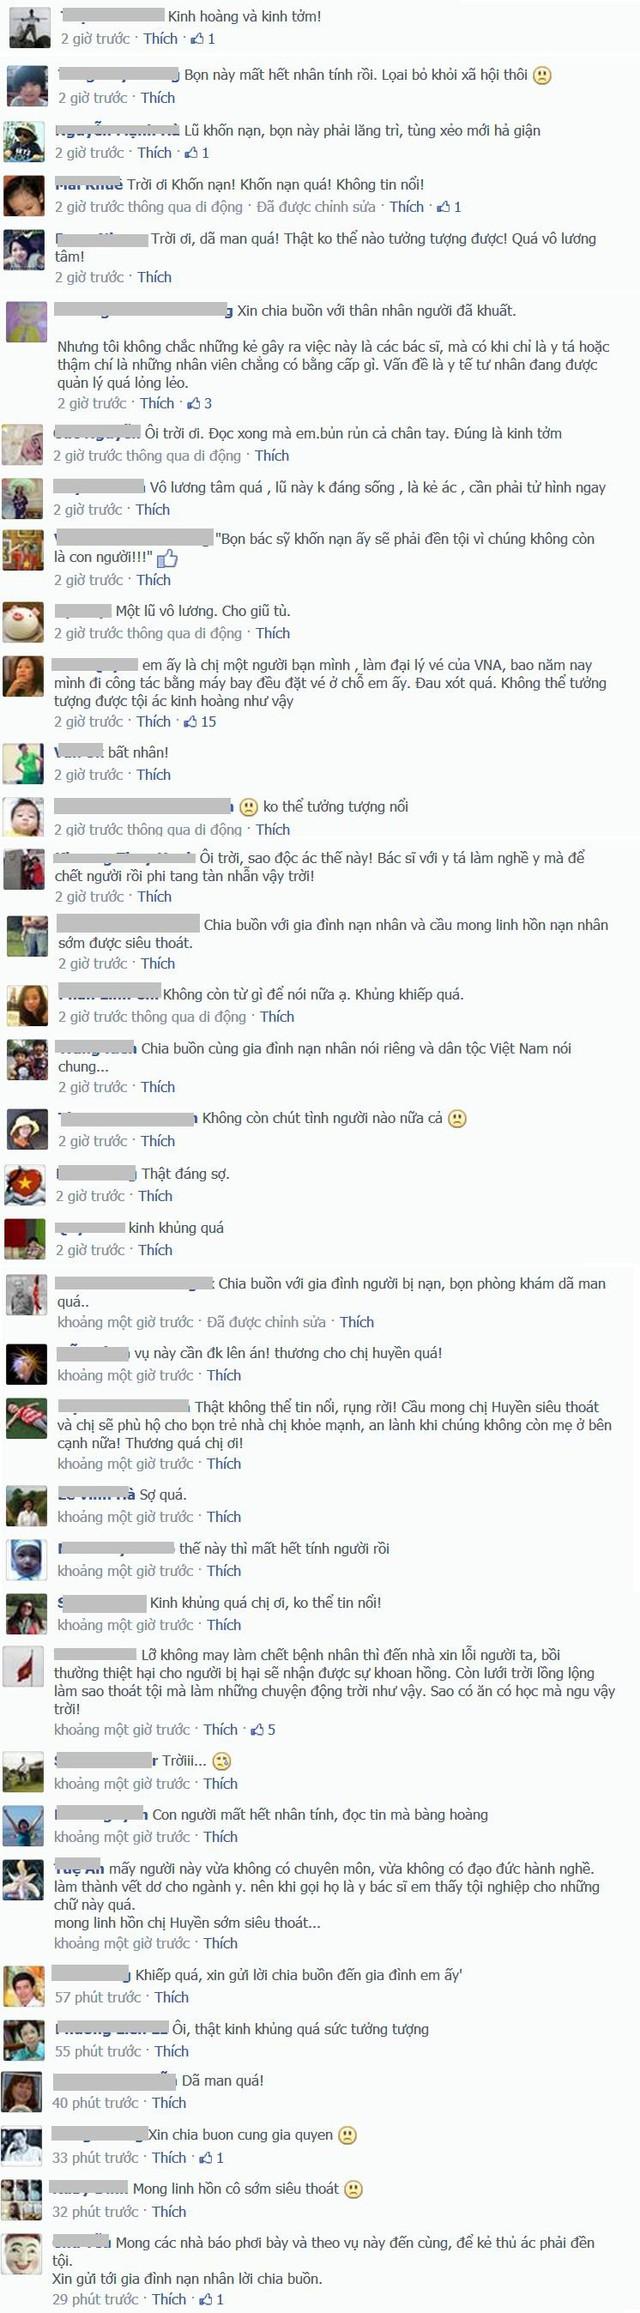 Những bình luận bàng hoàng và đau xót của cộng đồng mạng.